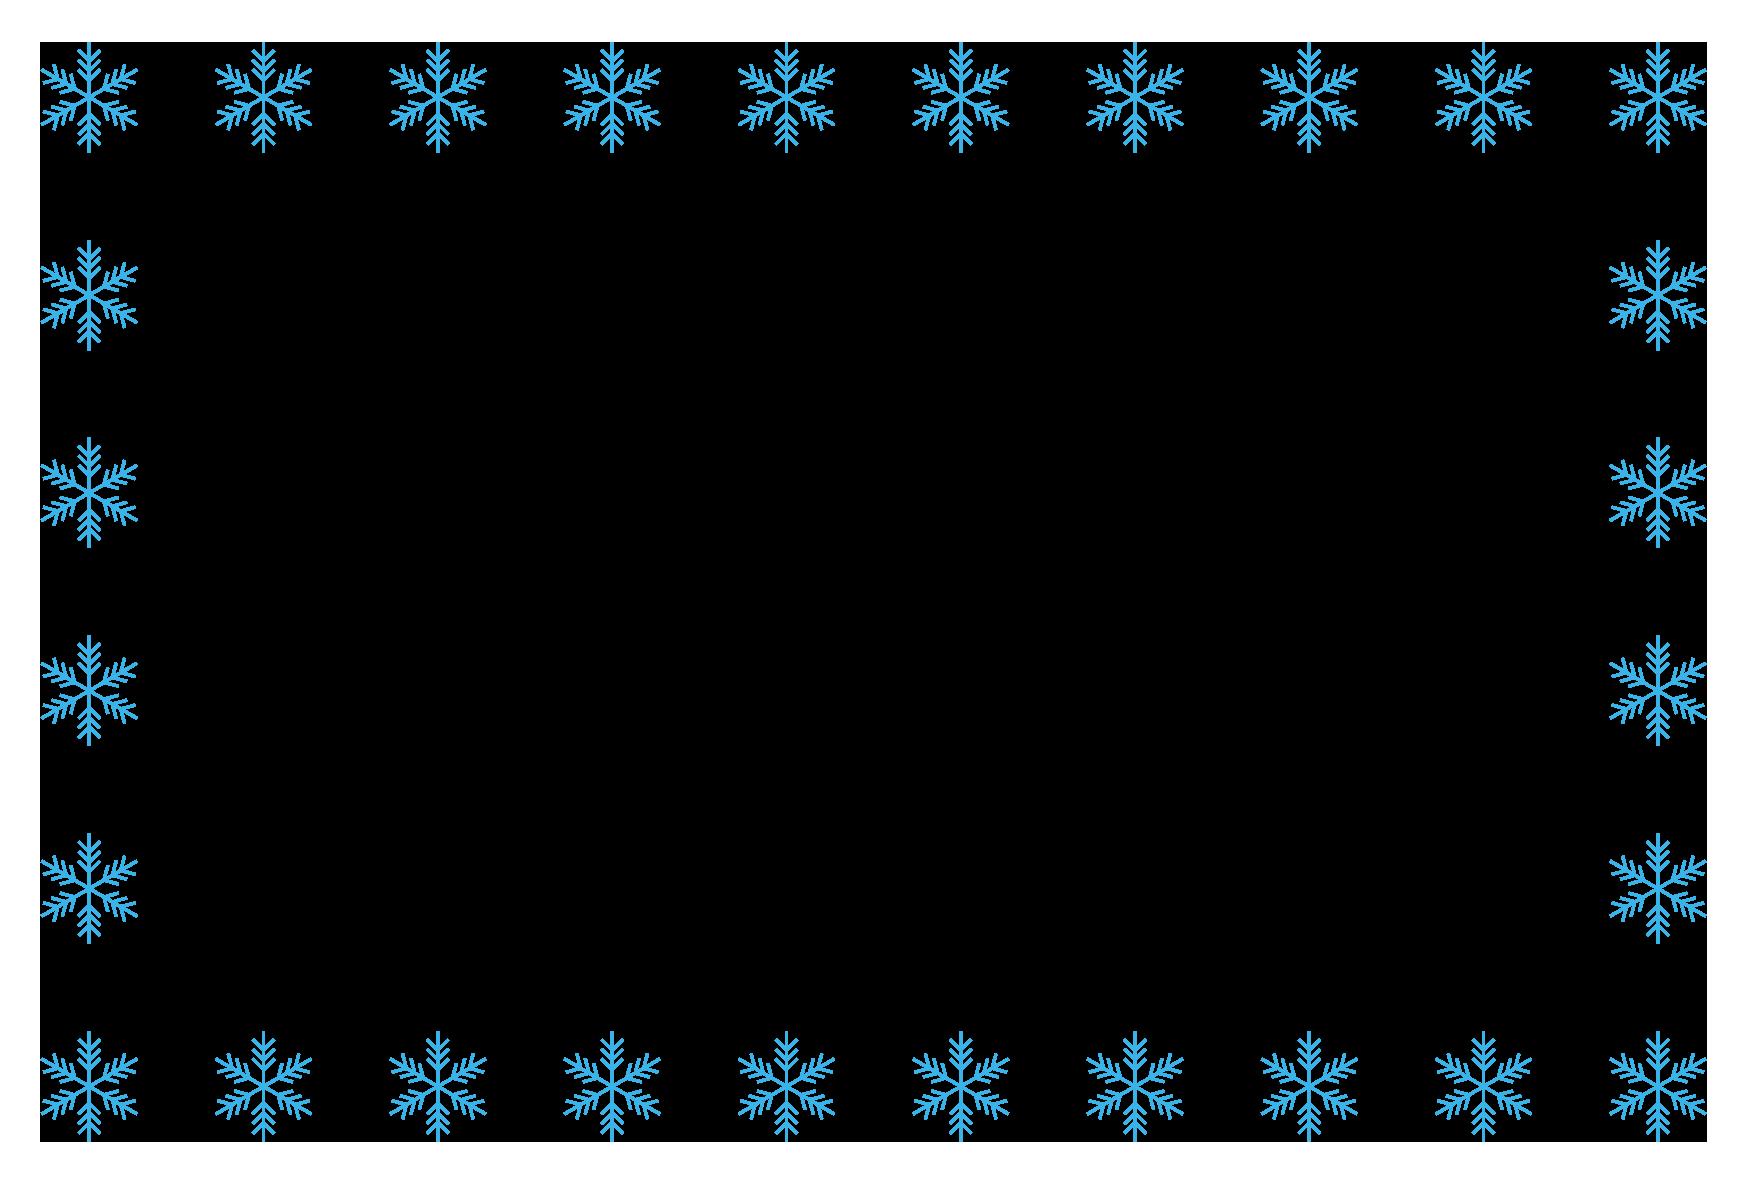 冬雪の結晶のシンプル枠イラスト 横 無料 イラストk